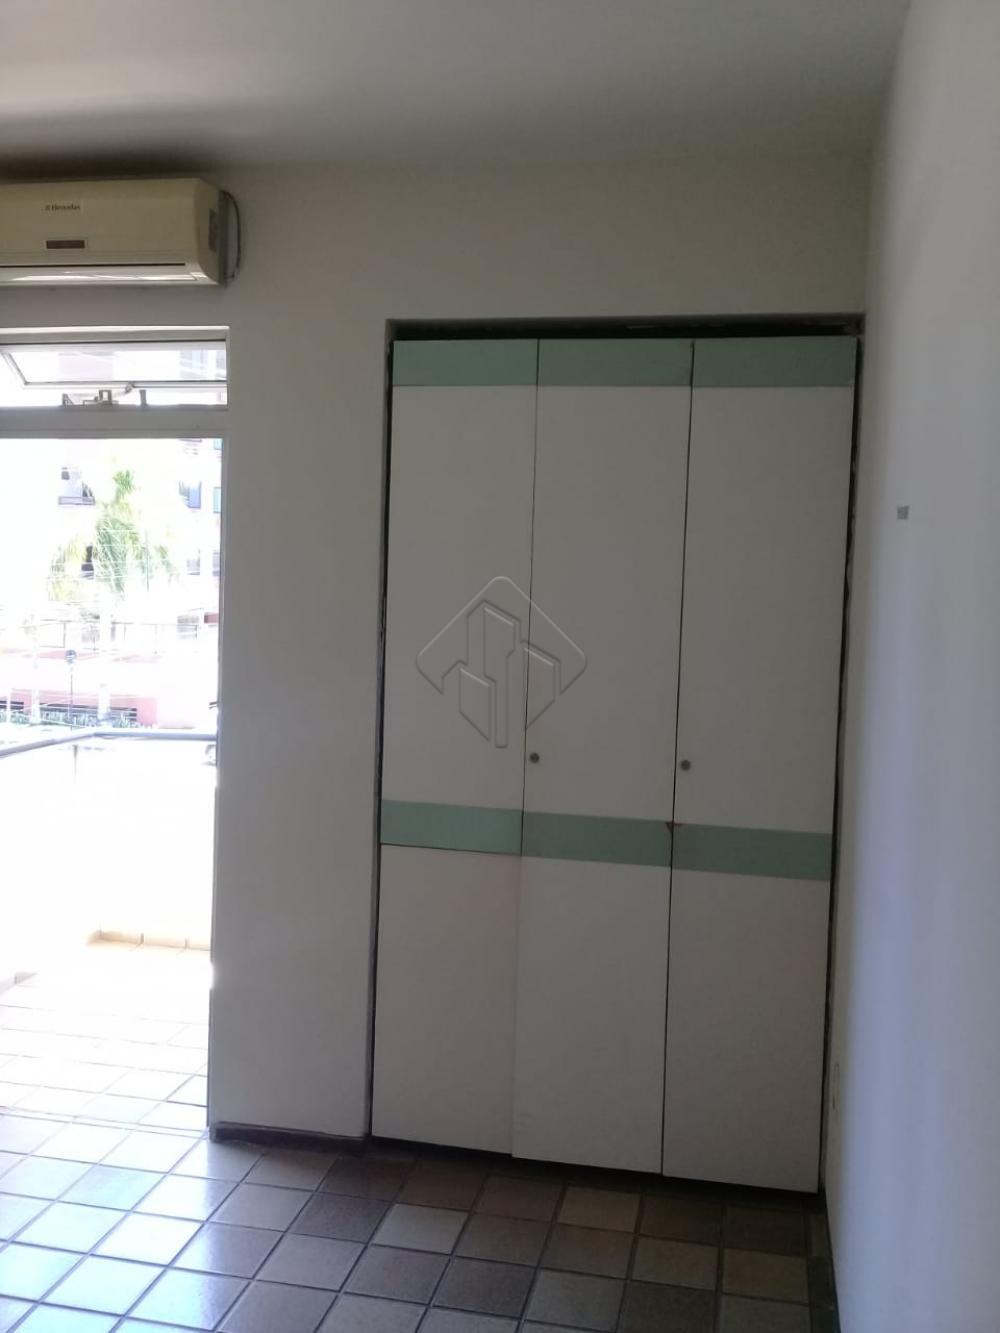 Comprar Apartamento / Padrão em João Pessoa apenas R$ 300.000,00 - Foto 12